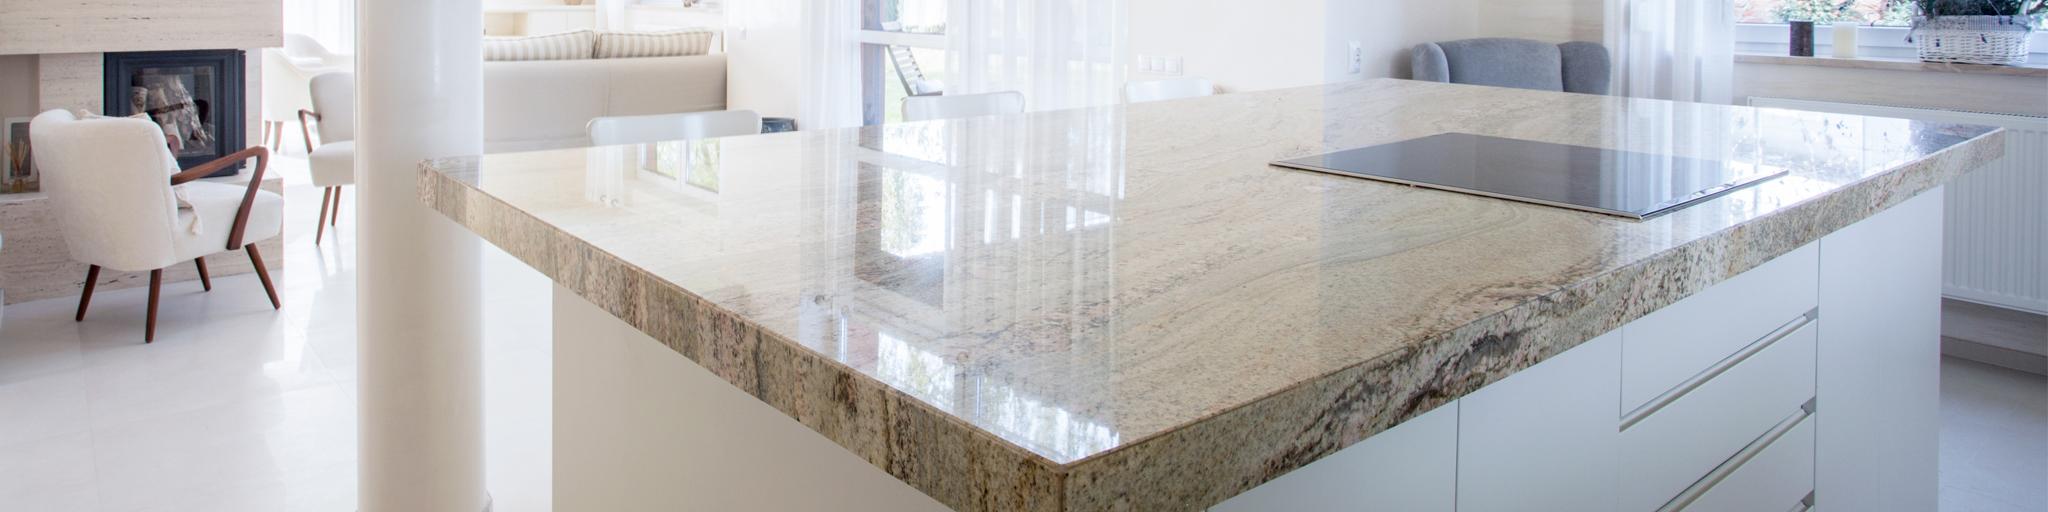 Küche Granit Naturstein Arbeitsplatte